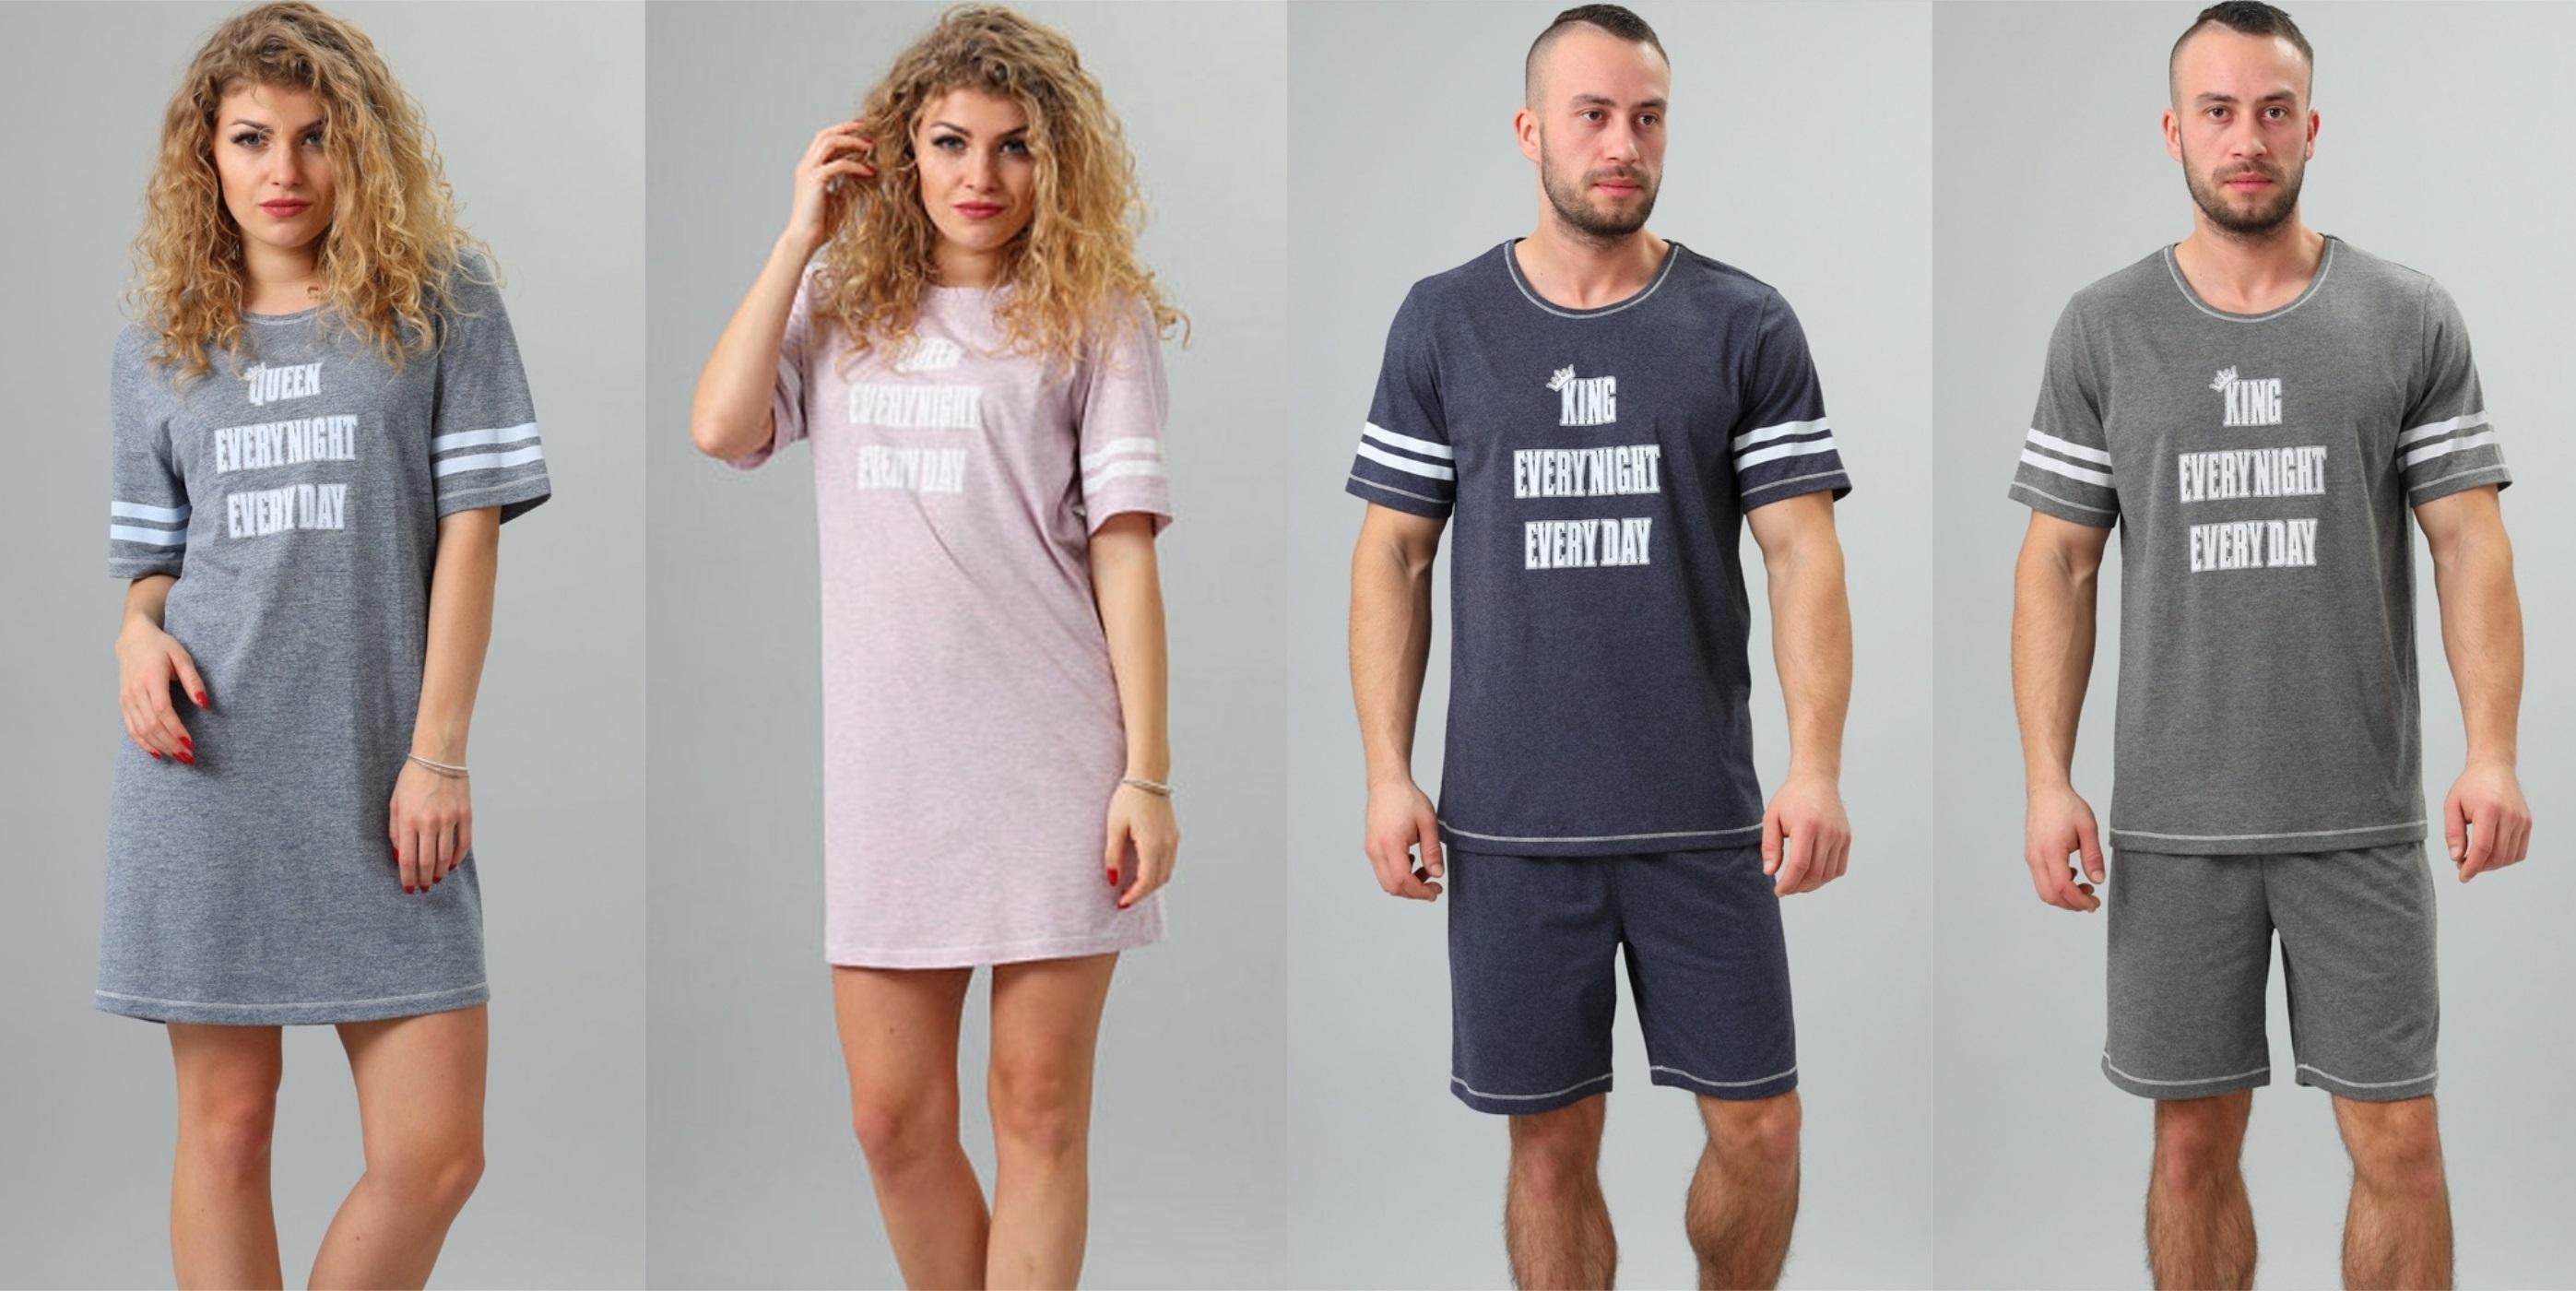 Сорочка и пижама мужская M-Max купить